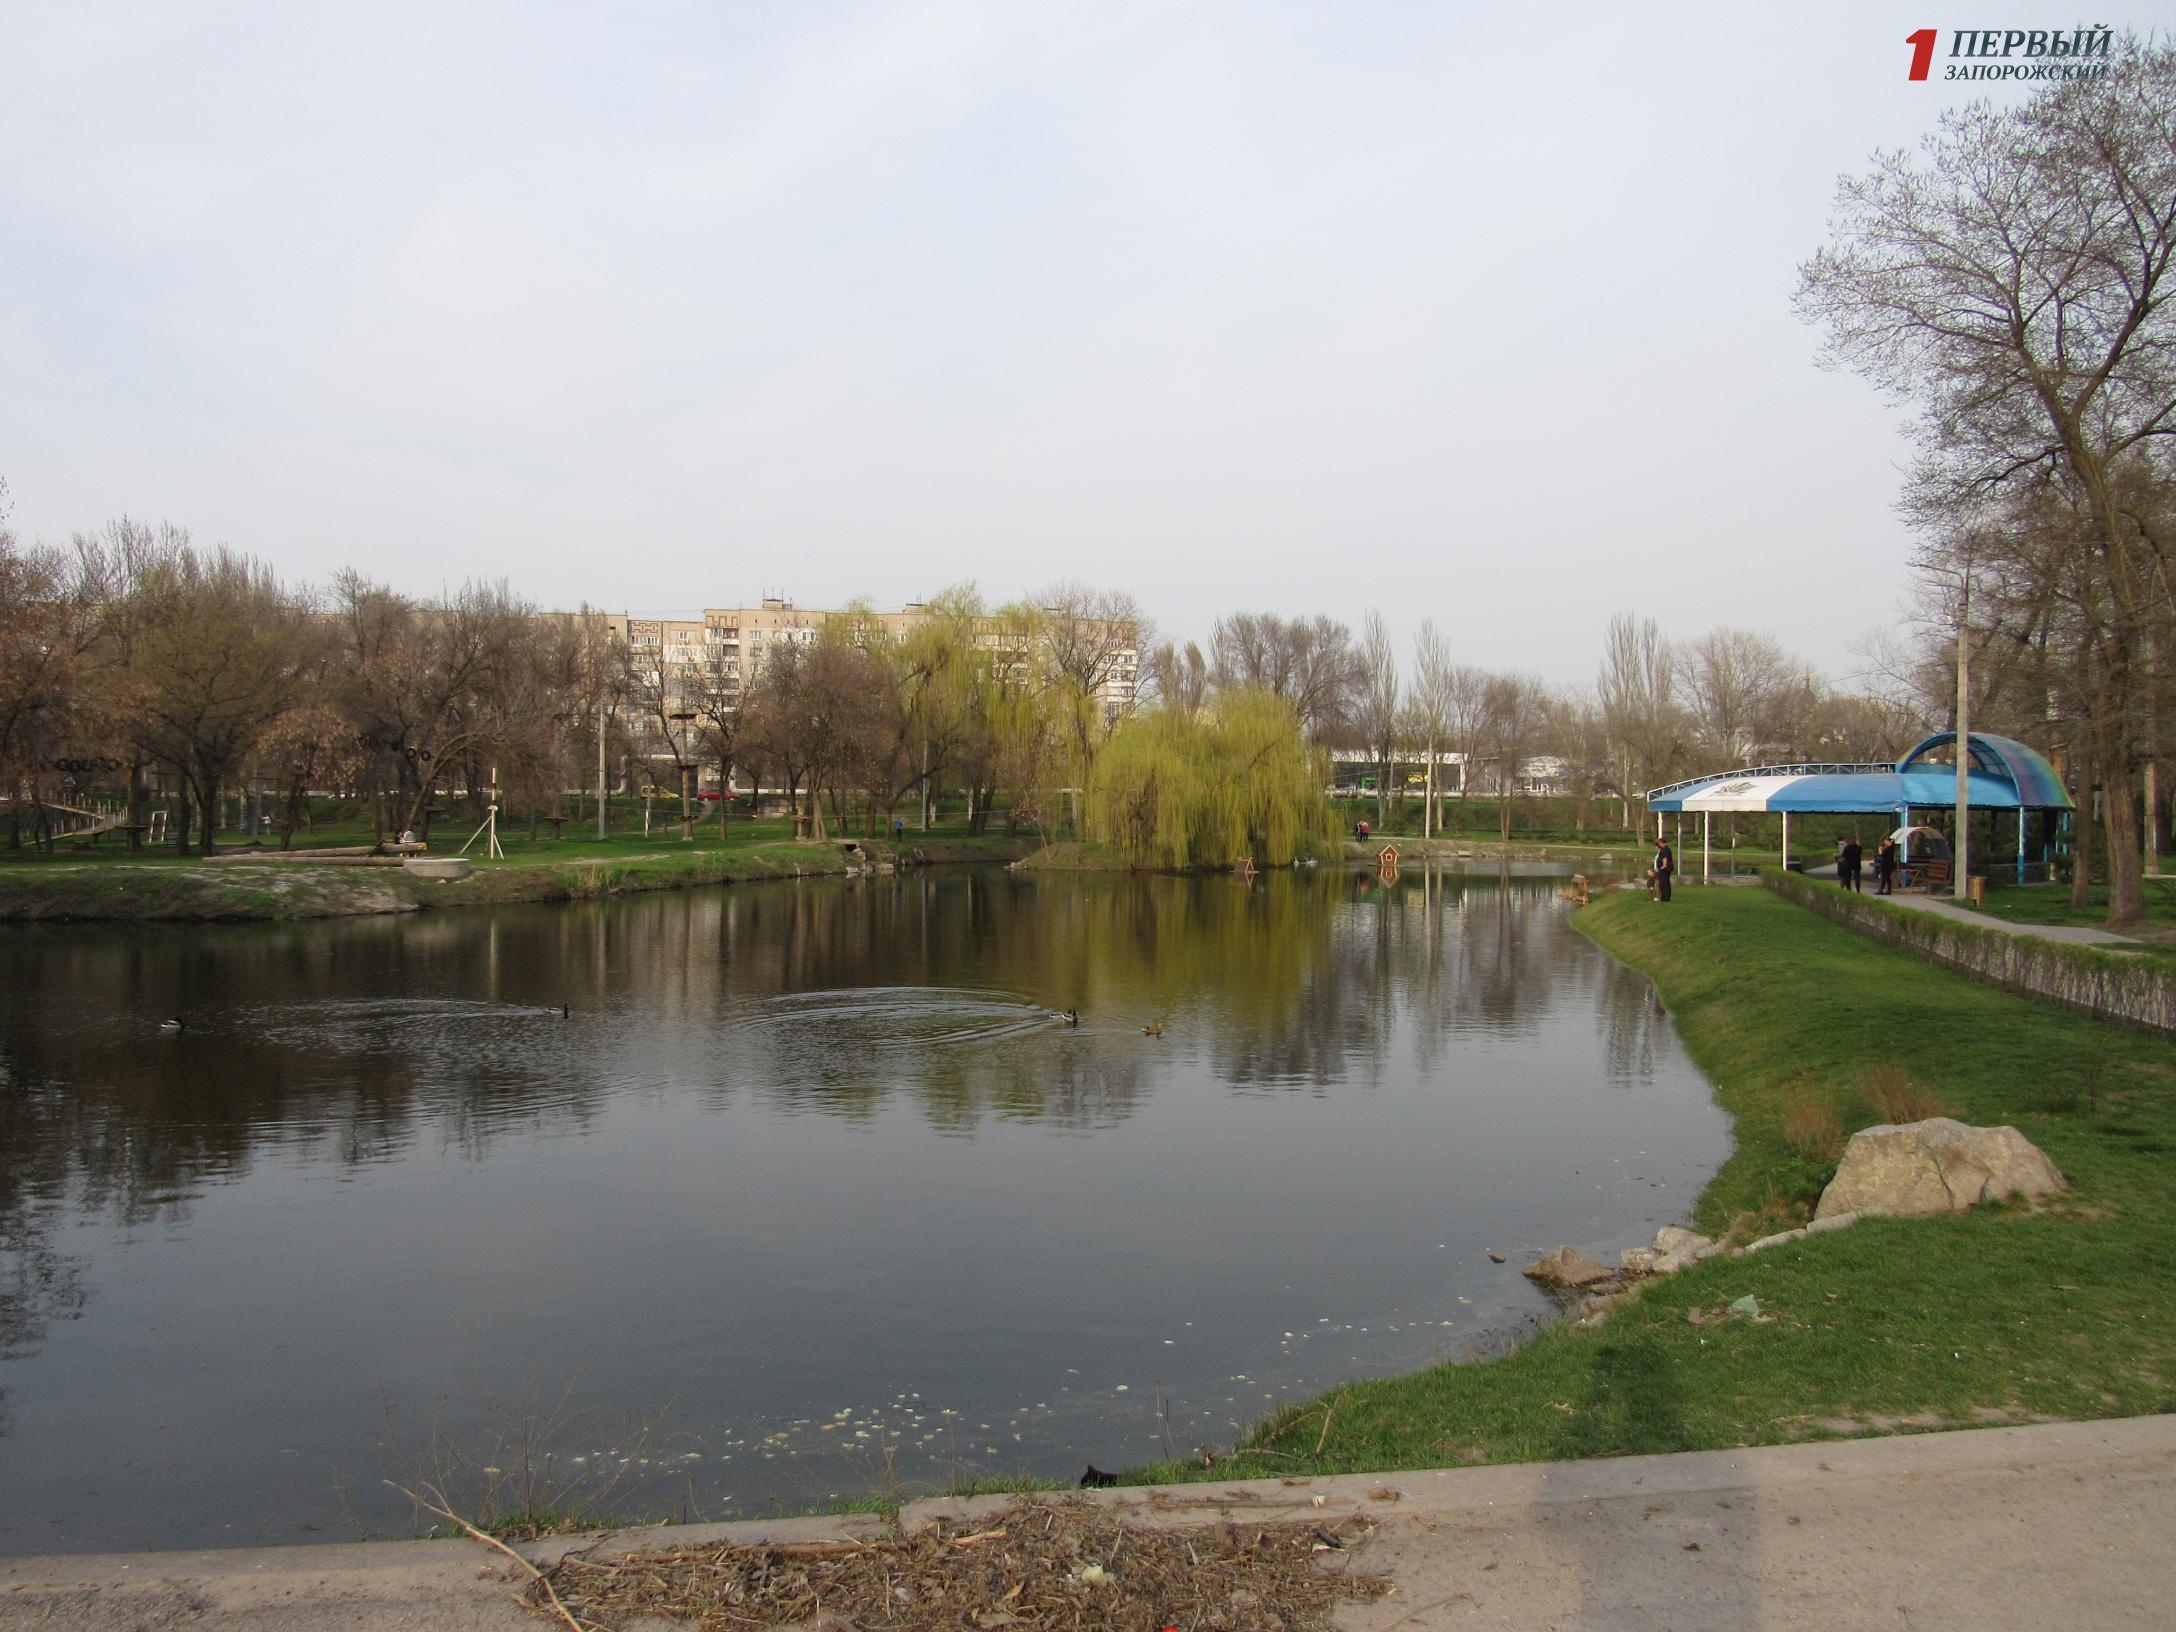 Очищенное озеро, бытовой мусор и старенькие аттракционы: как сегодня выглядит парк